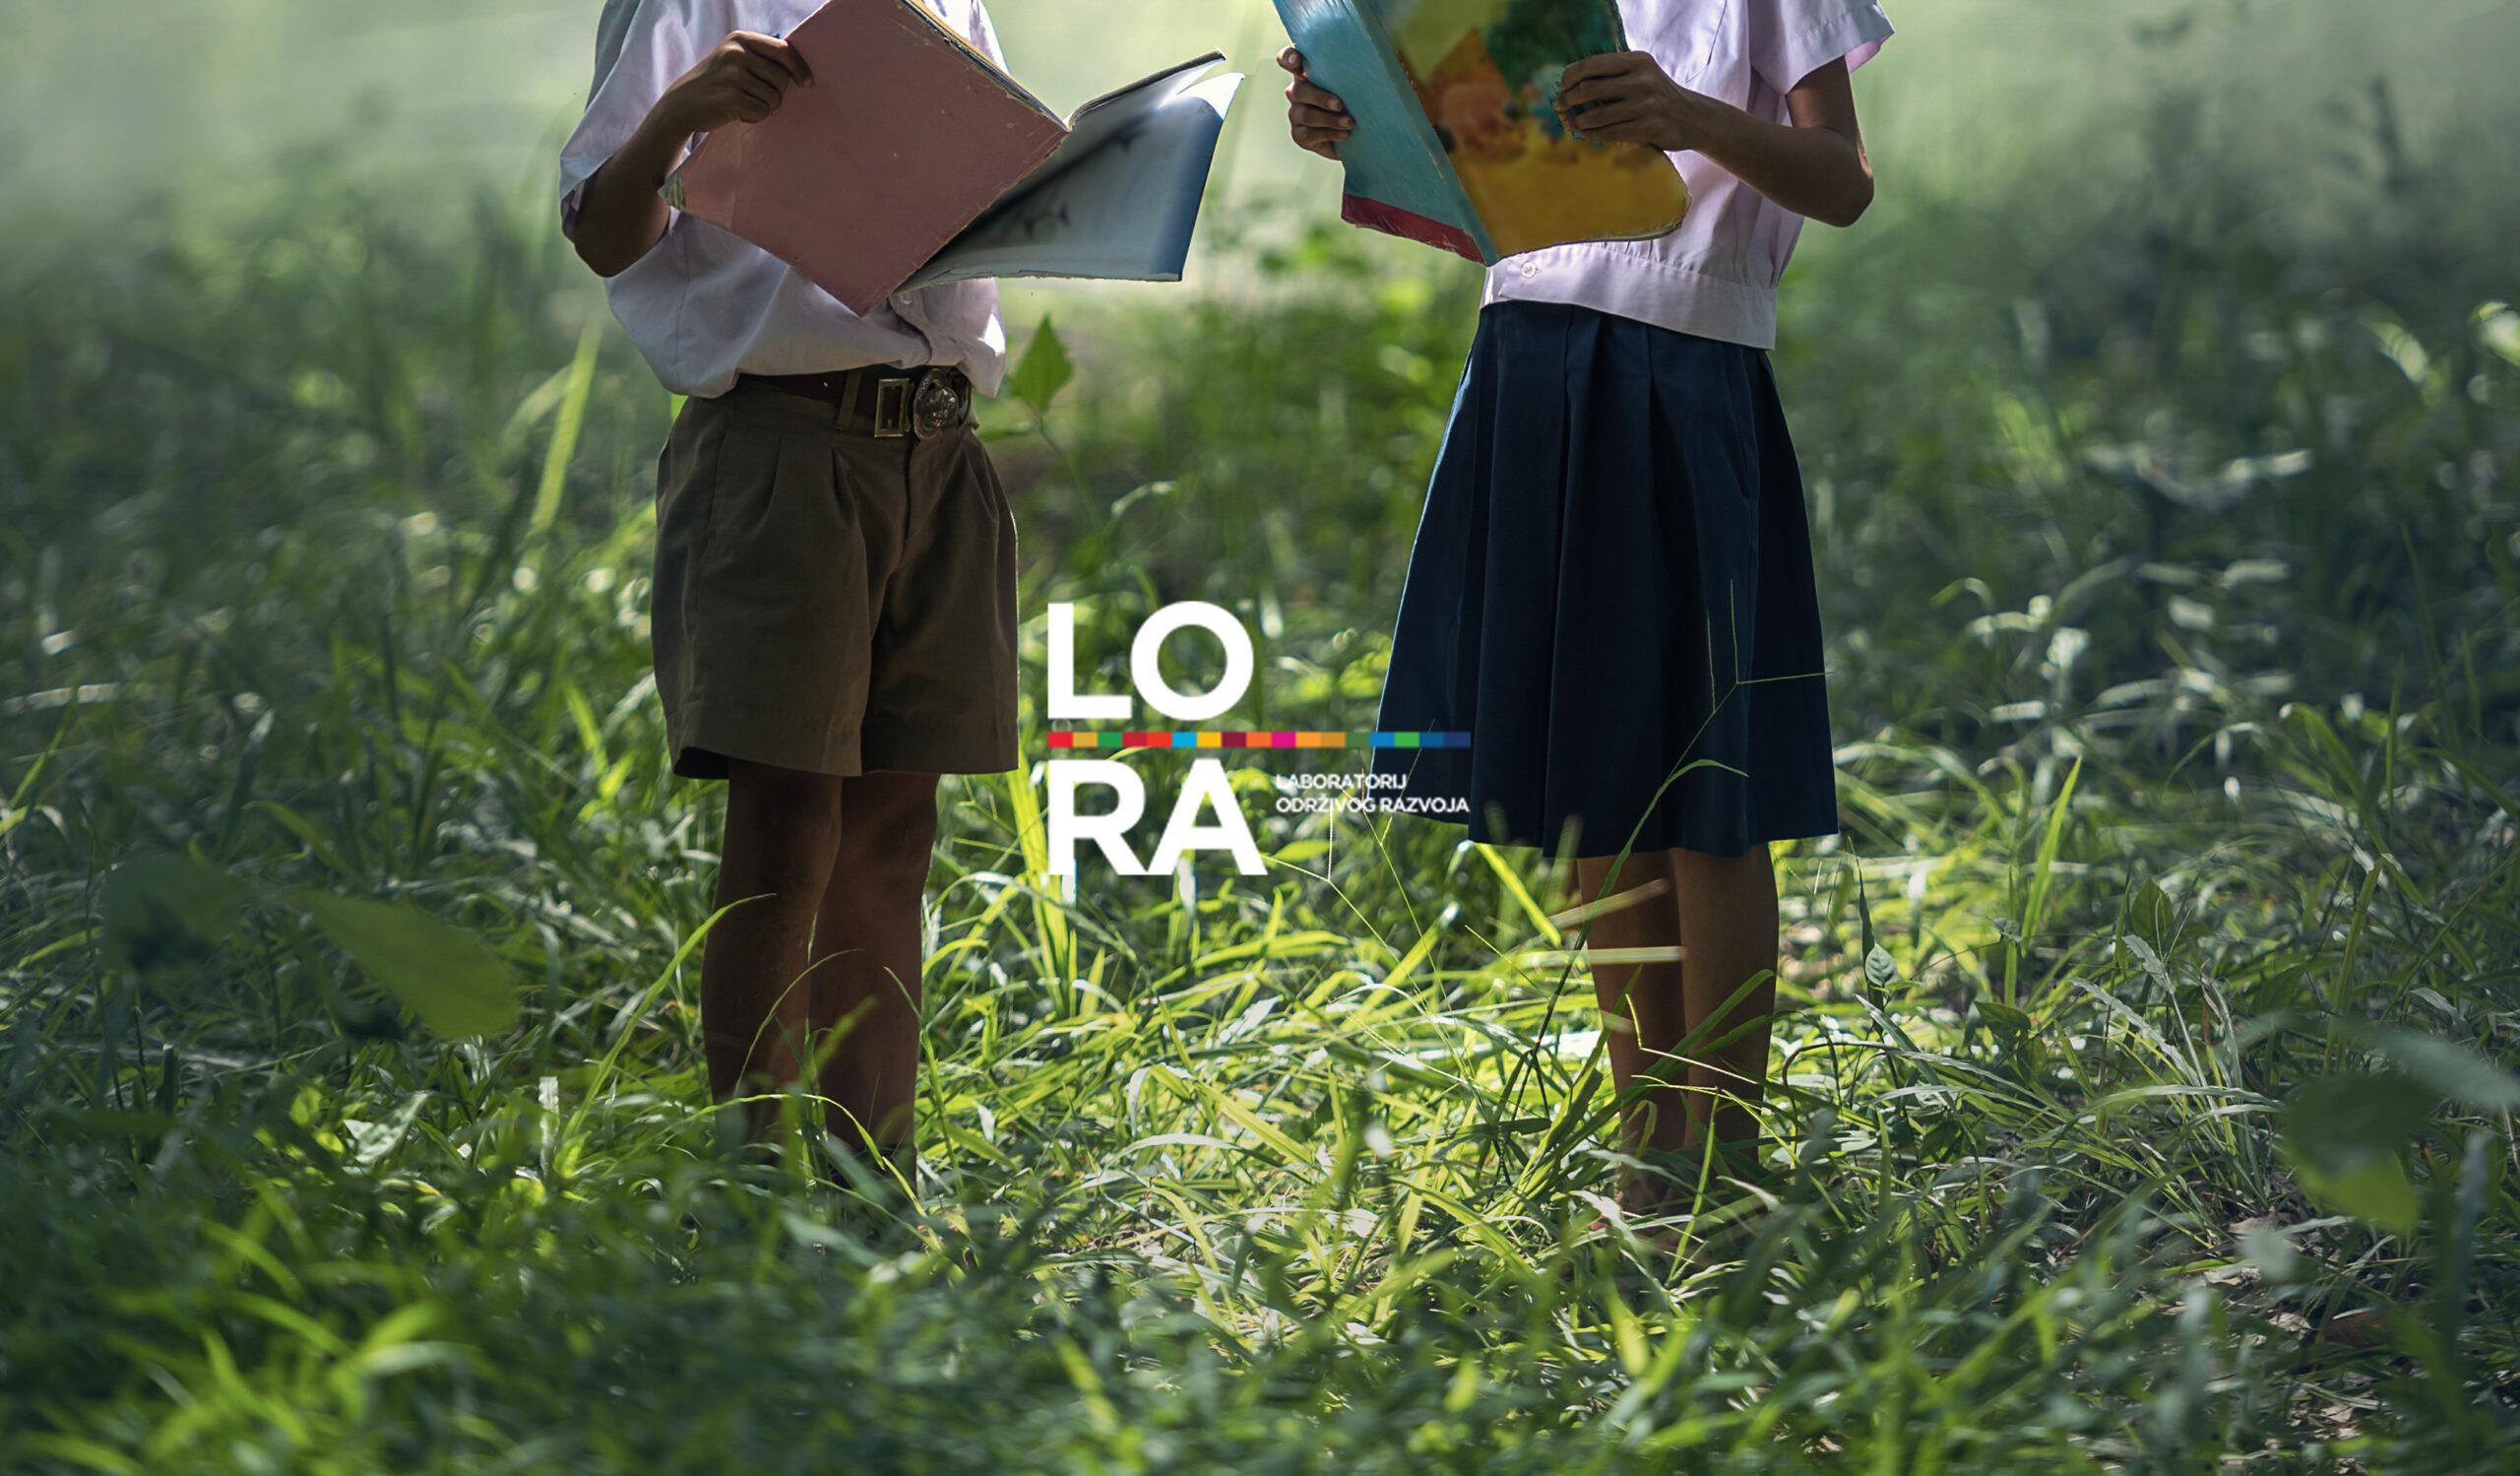 Odabrani najbolji učenički projekti održivog razvoja u sklopu projekta LORA